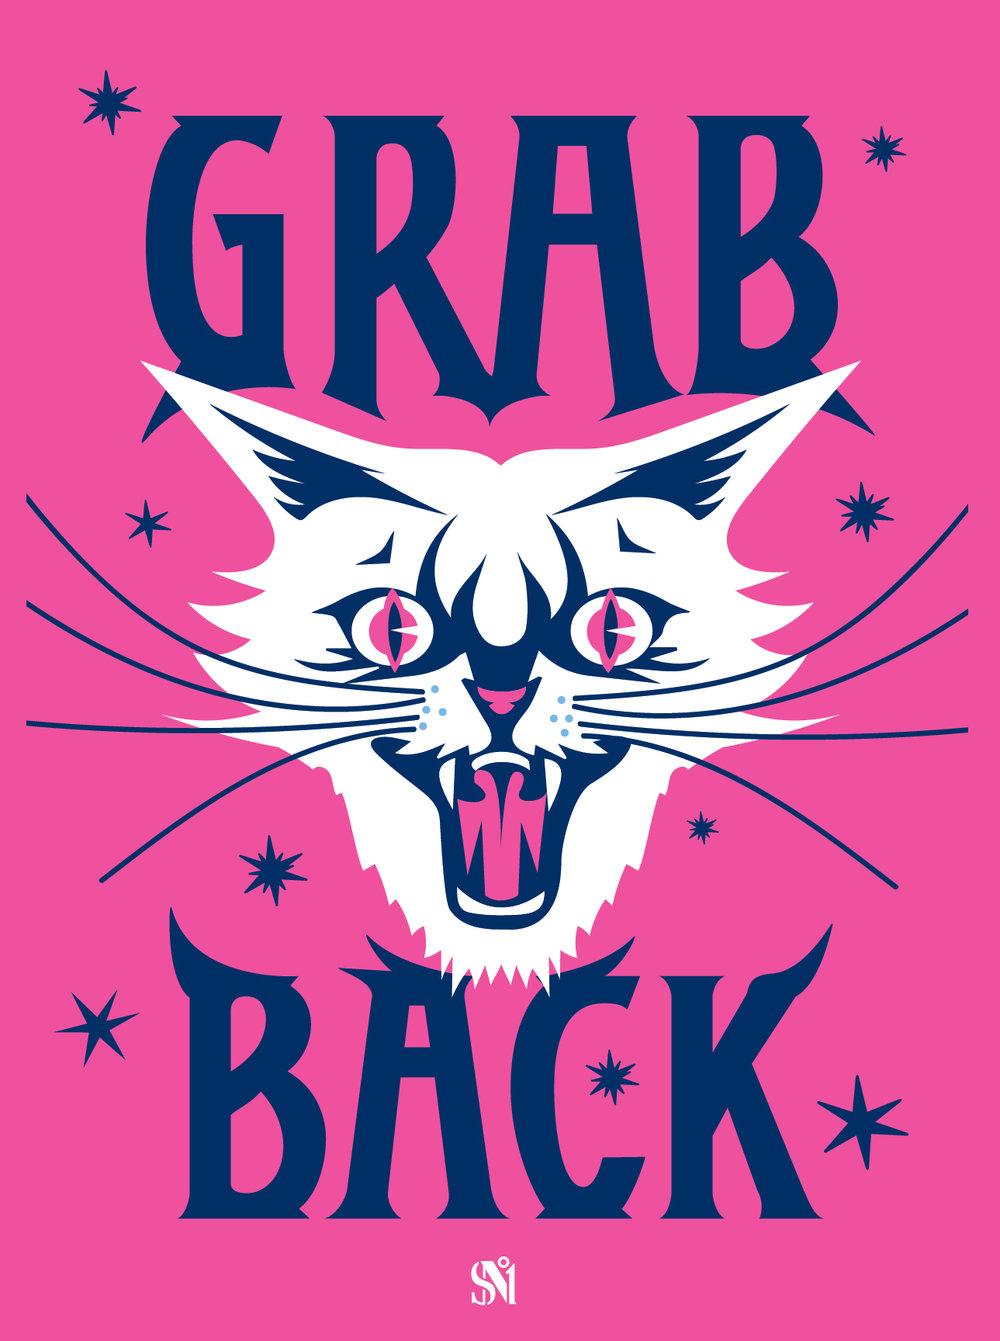 GrabBack_1-03.jpg